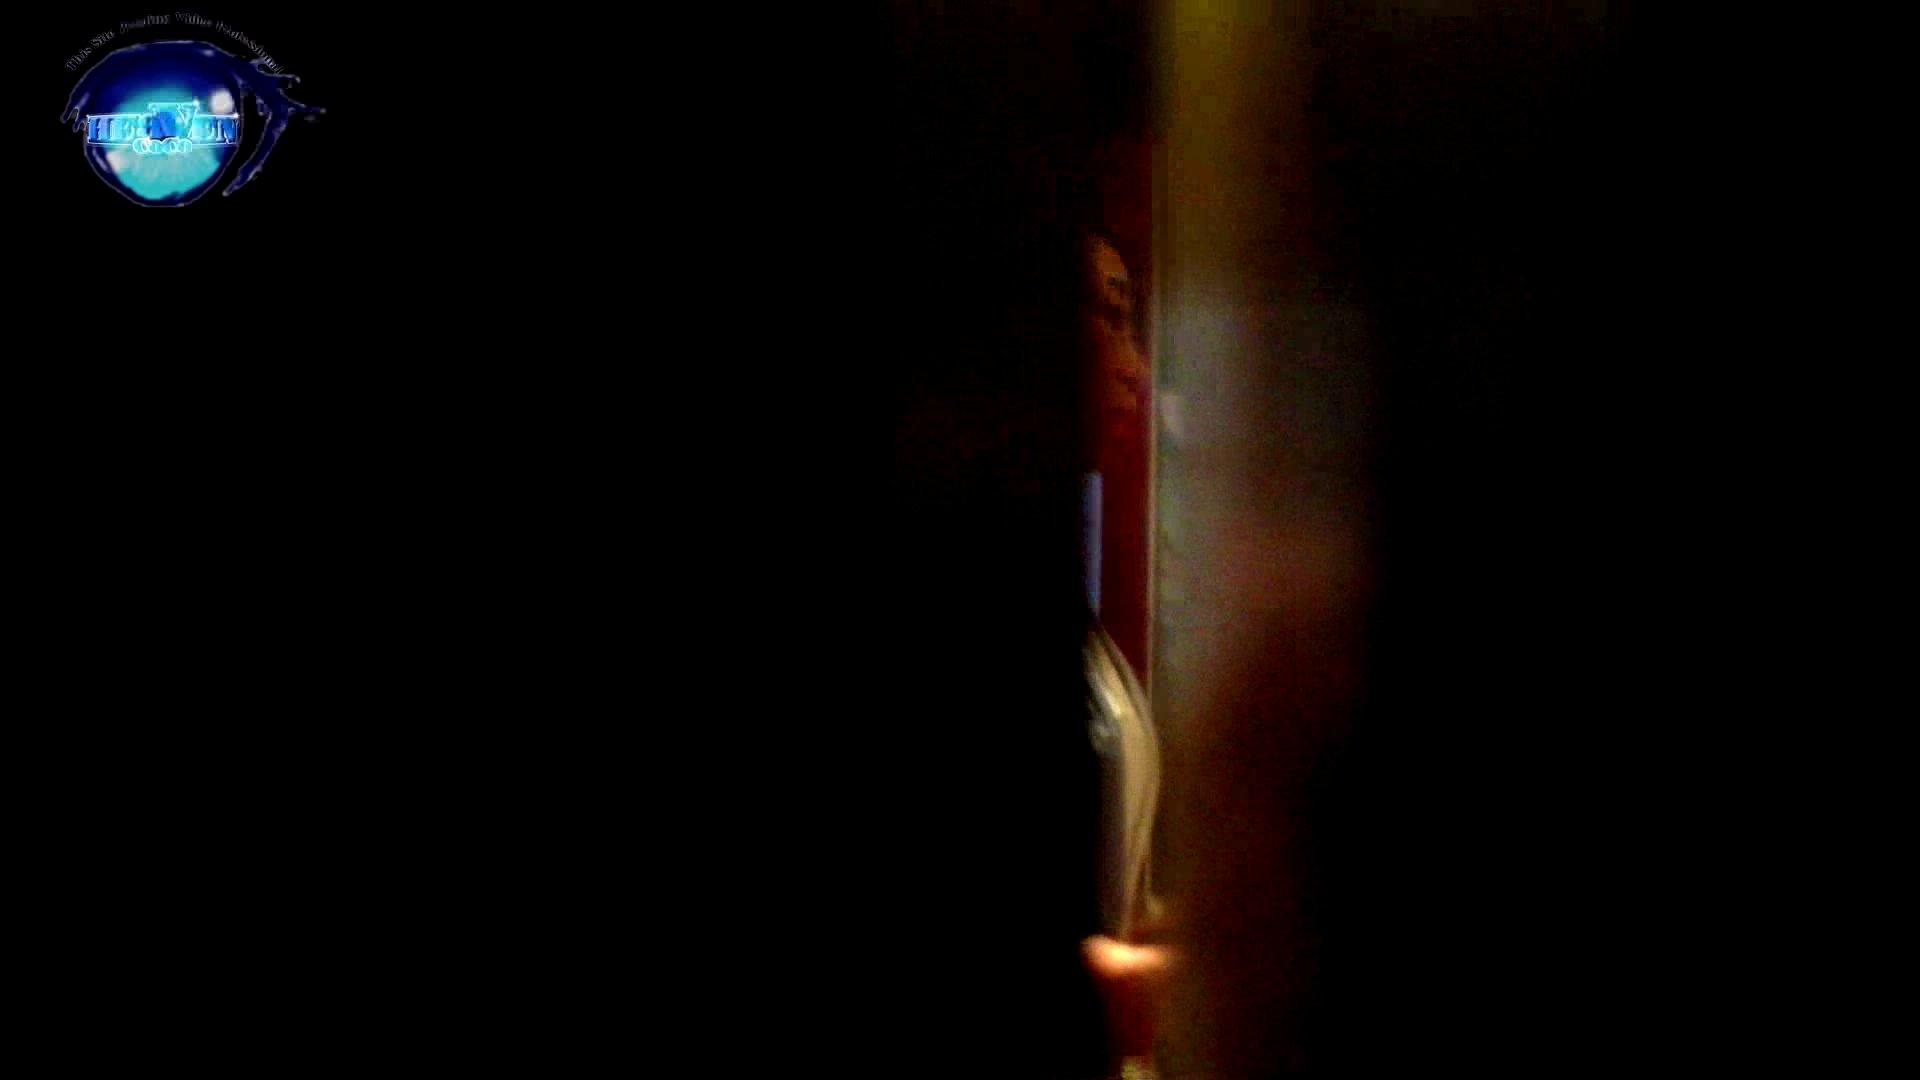 GOD HAND ファッションショッピングセンター盗撮vol.06 OLエロ画像 | 高画質  72PICs 43